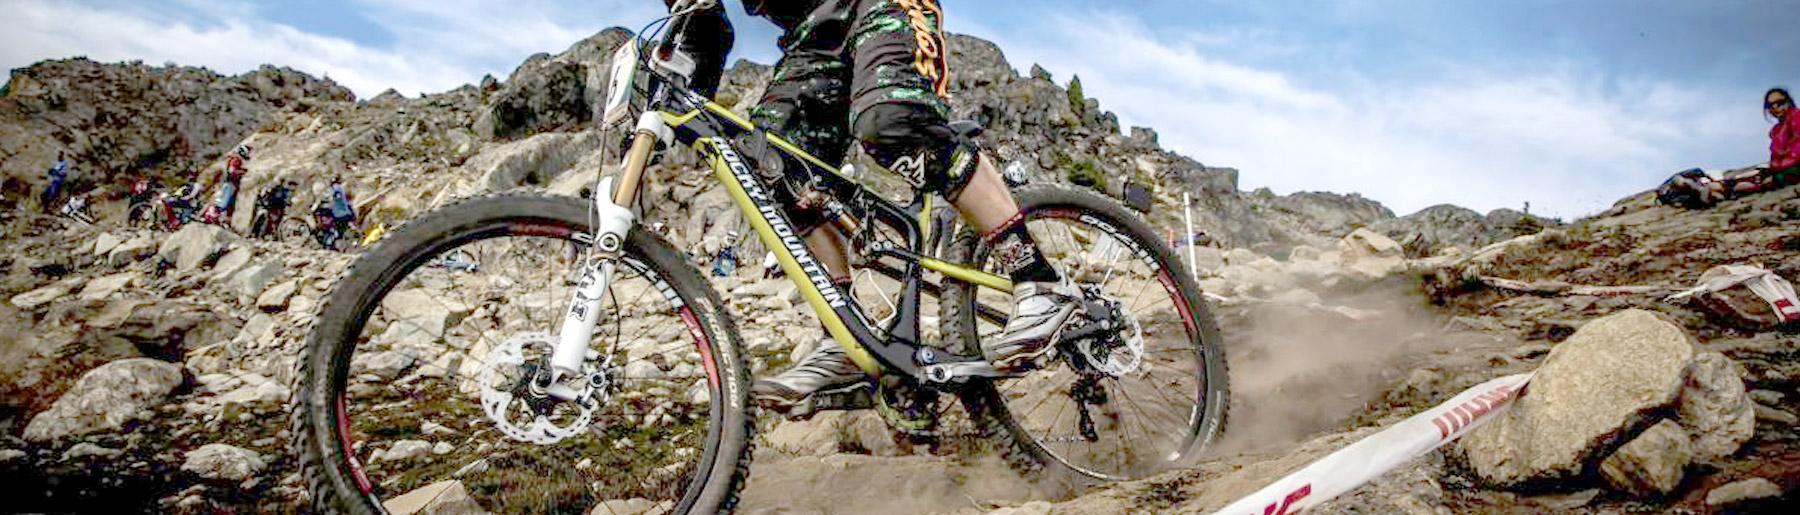 mountainbikes_nuernberg_erlangen_fuerth_schwabach_roth